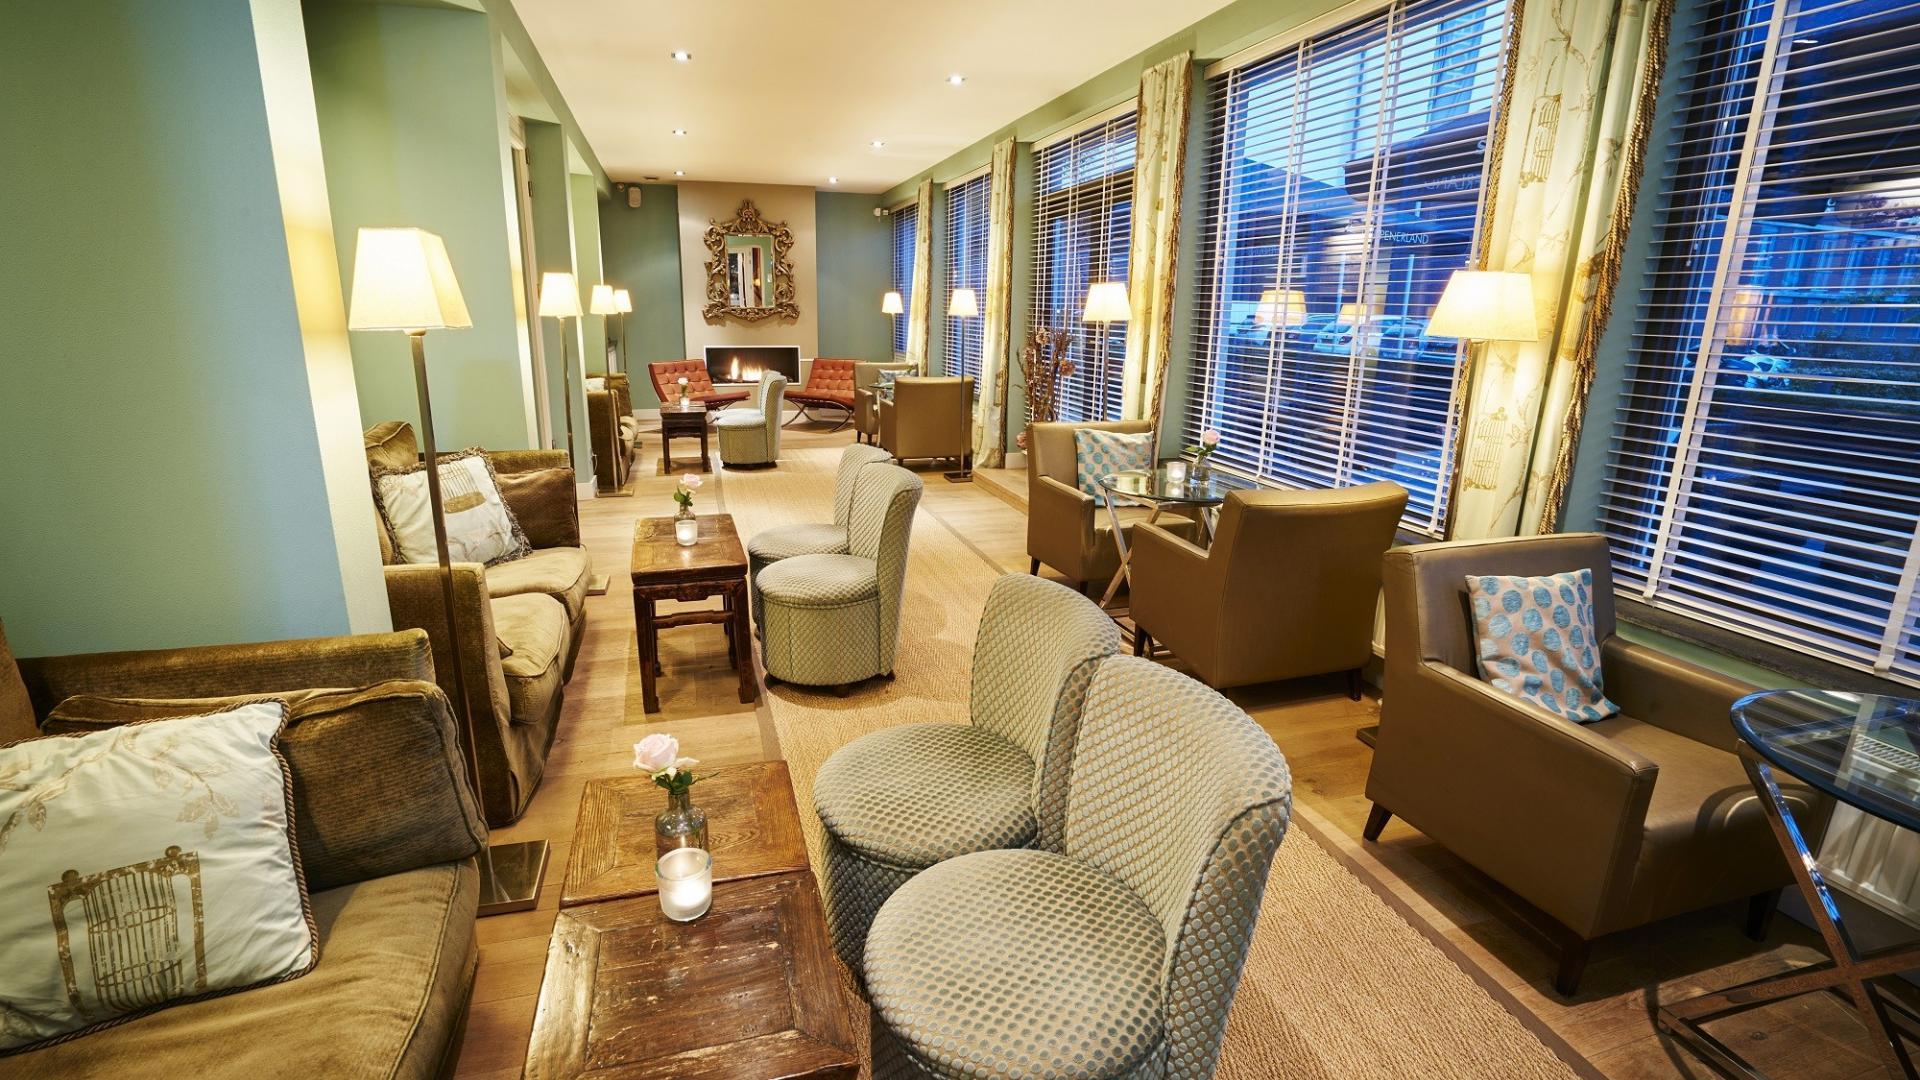 Dagaanbieding - 3 dagen in 4*-hotel tussen de heuvels van Zuid-Limburg nabij Valkenburg incl. diner dagelijkse koopjes